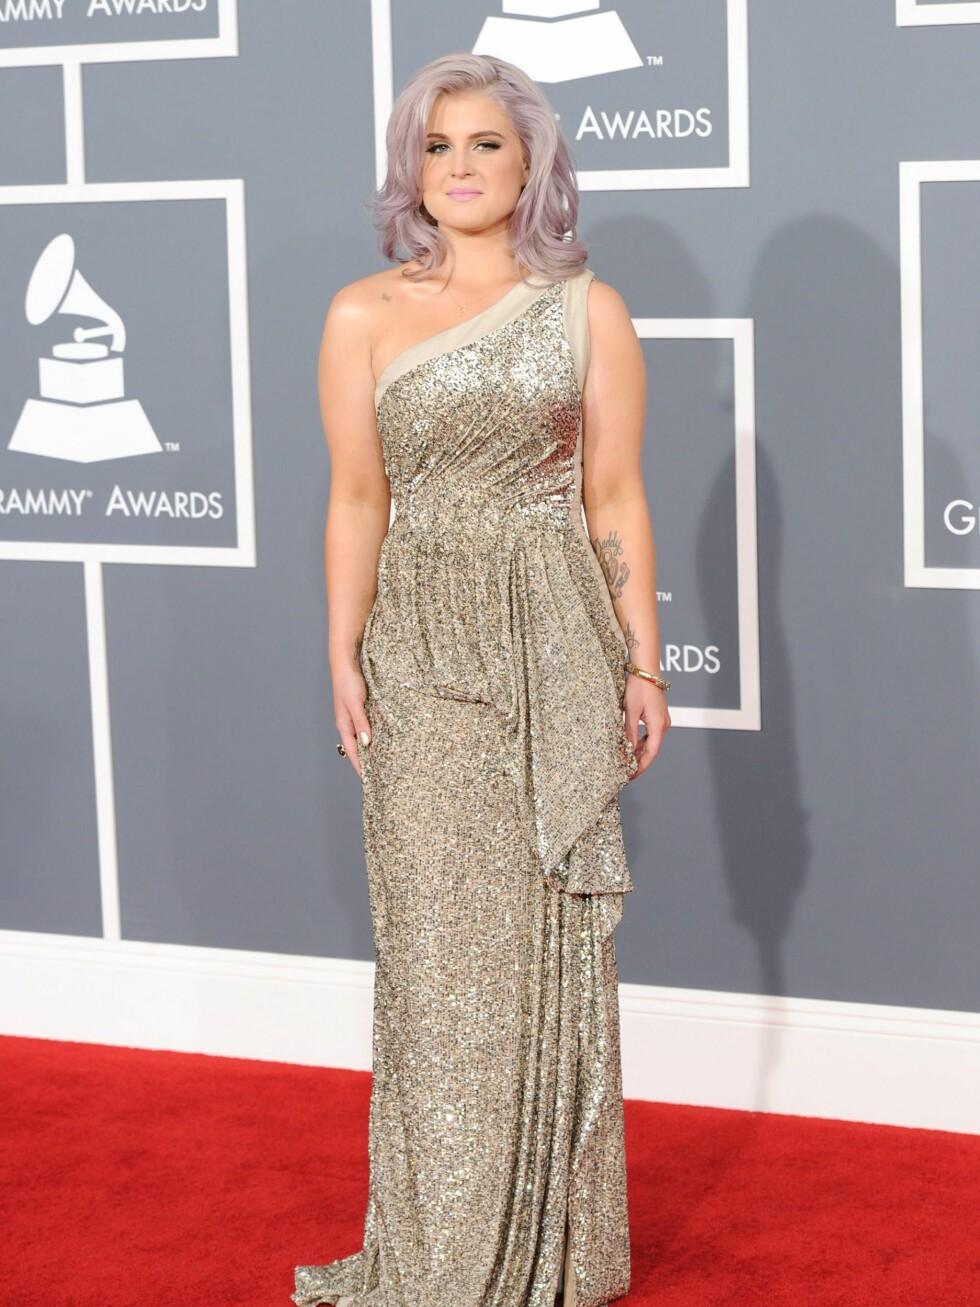 Nå vekker Kelly Osbourne oppsikt av andre grunner.  Foto: All Over Press